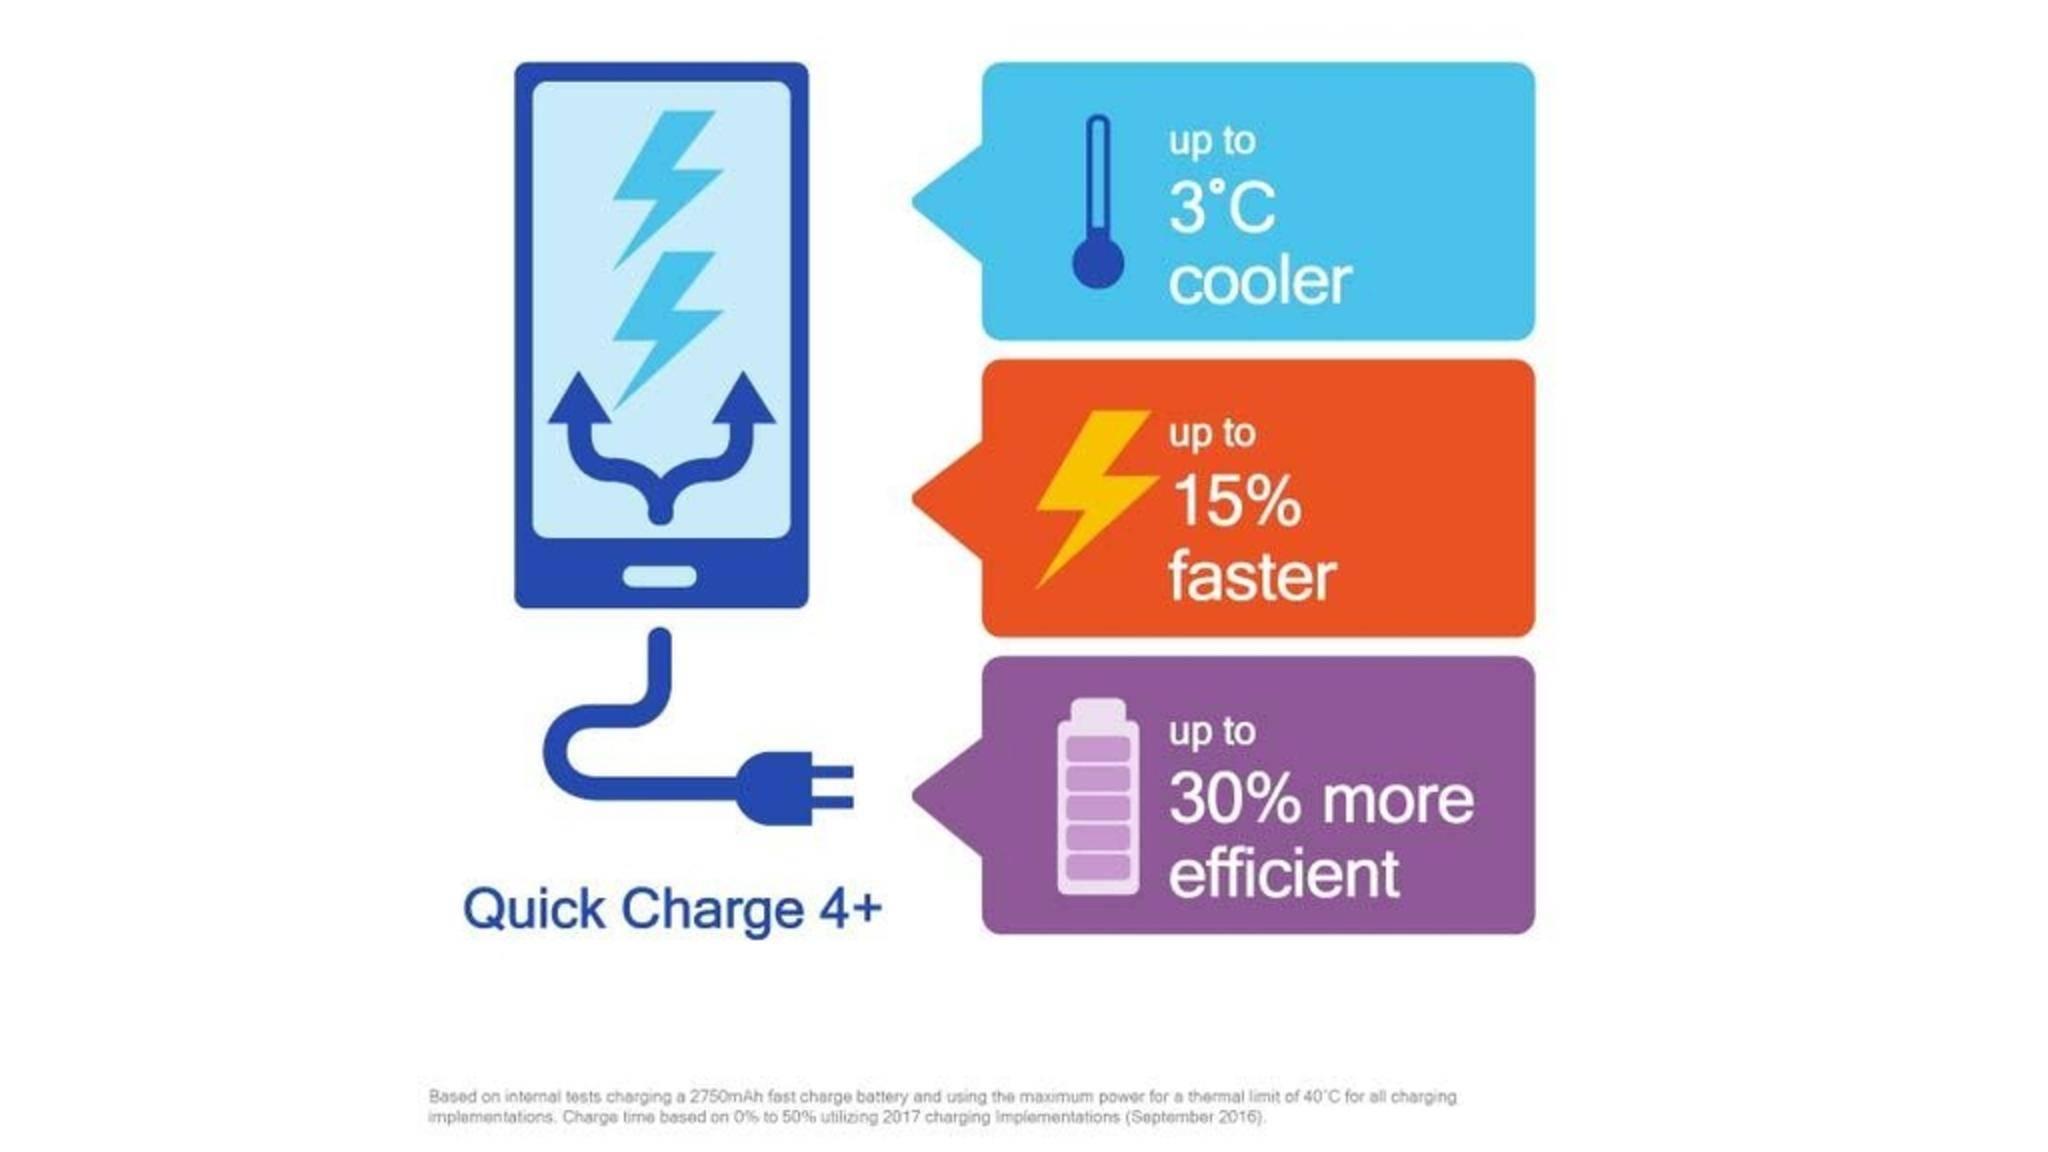 Noch gibt es kein Smartphone in Deutschland, das Quick Charge 4+ unterstützt.